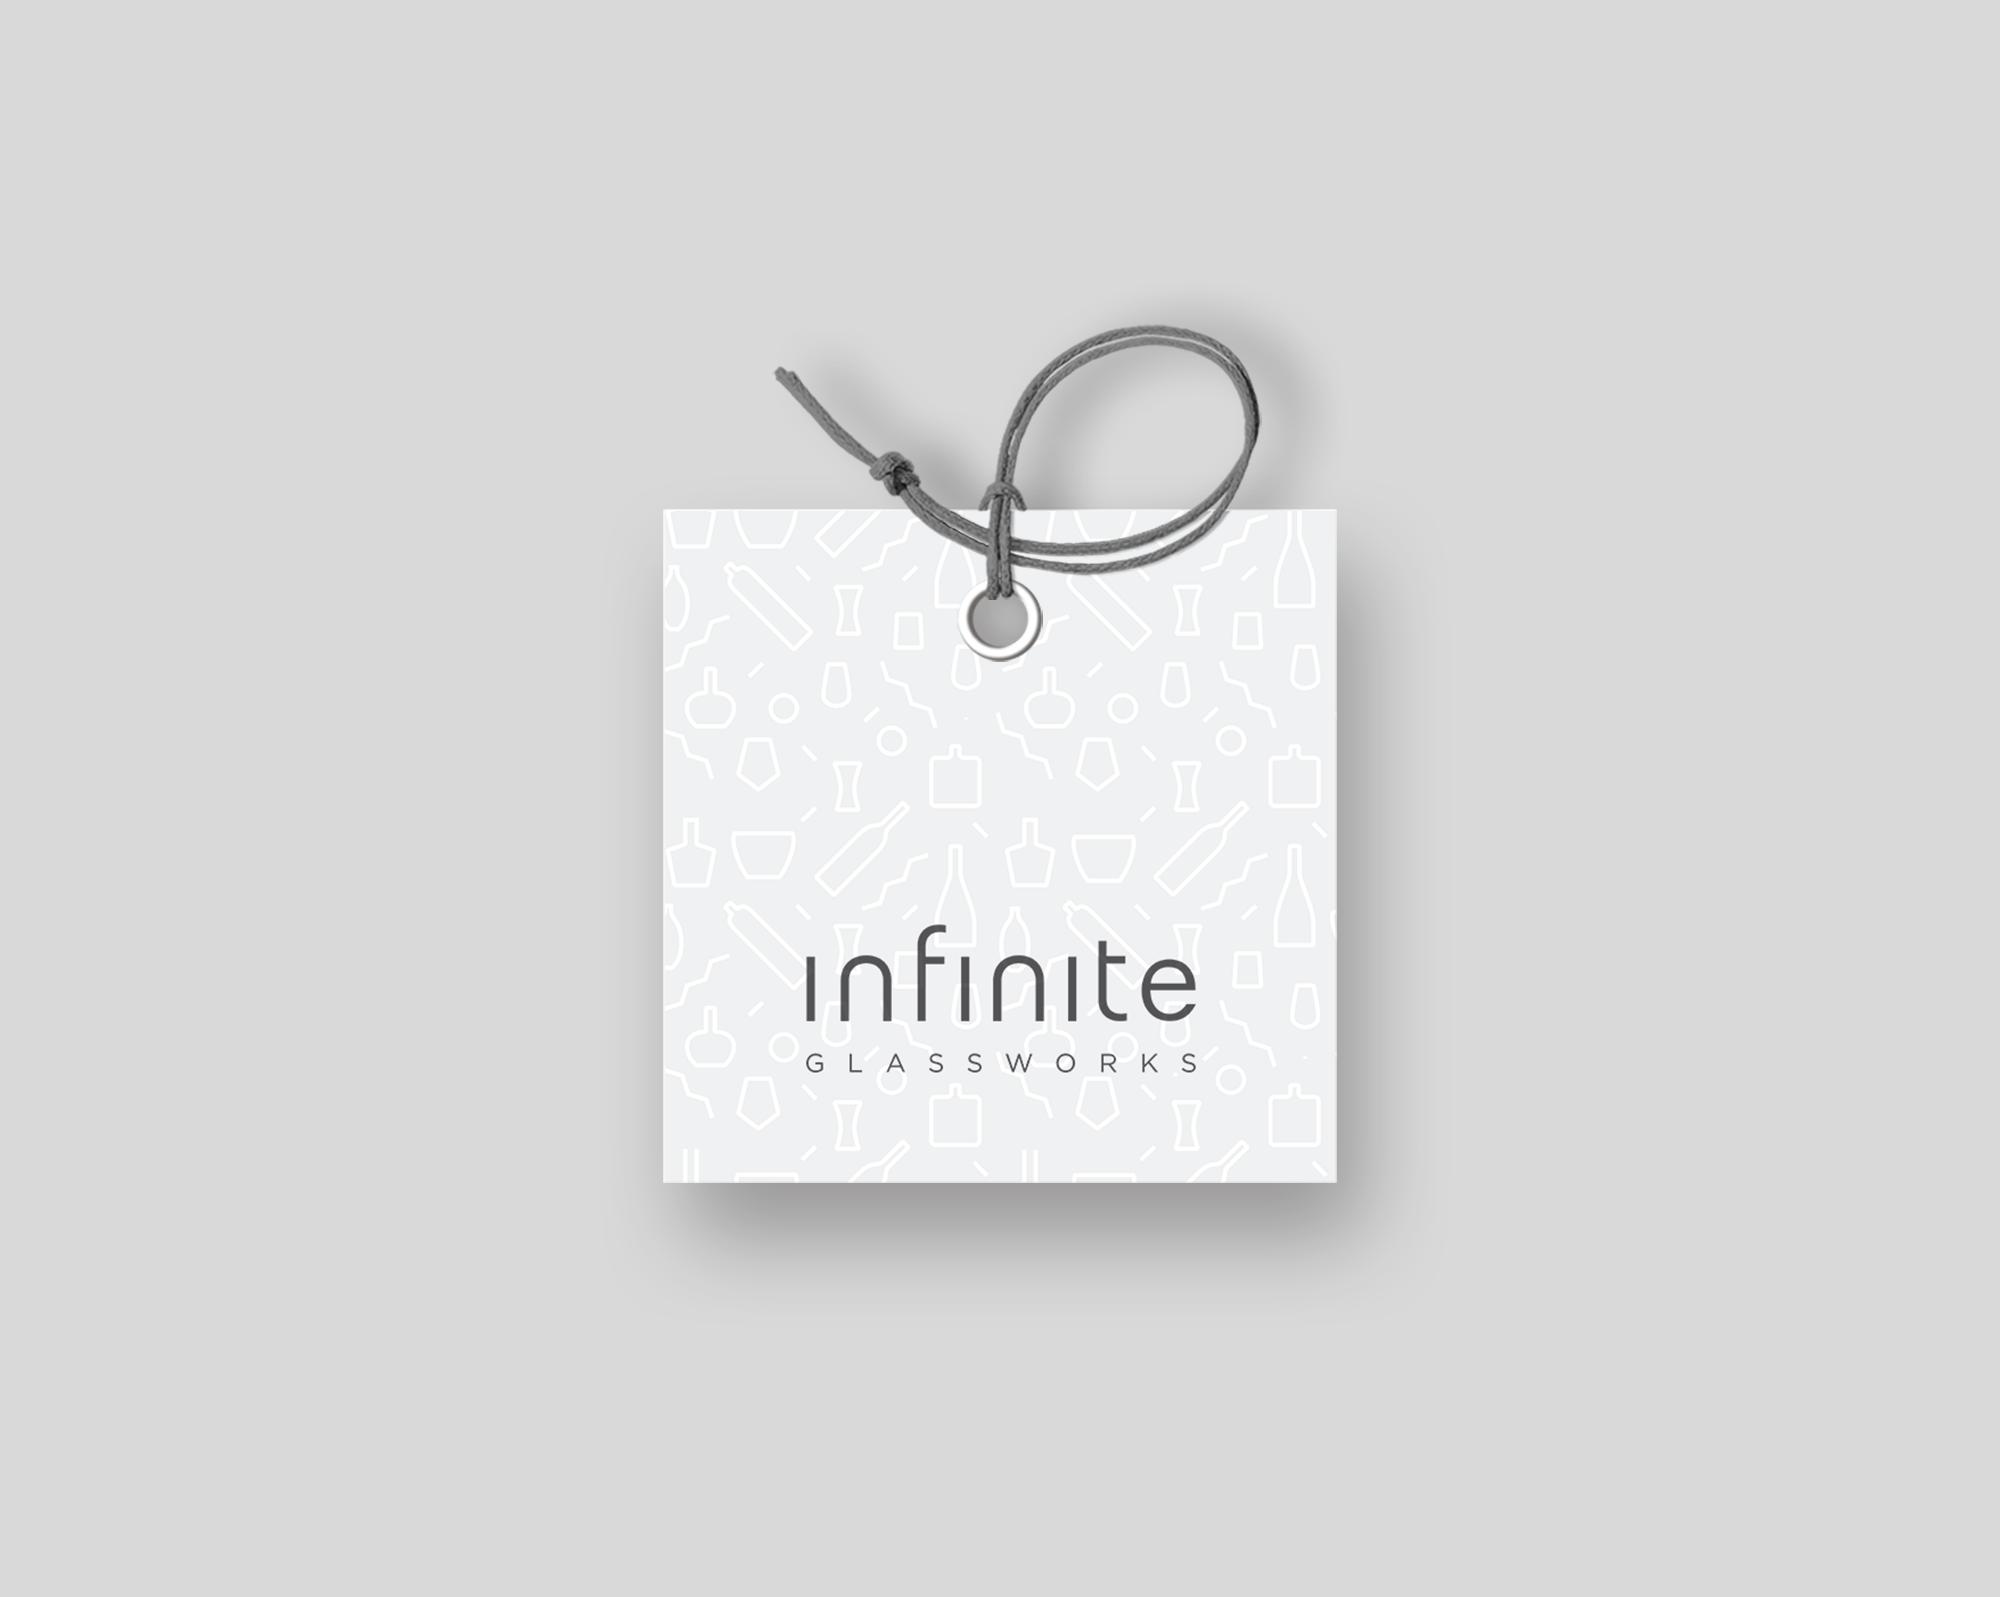 Infinite_tag